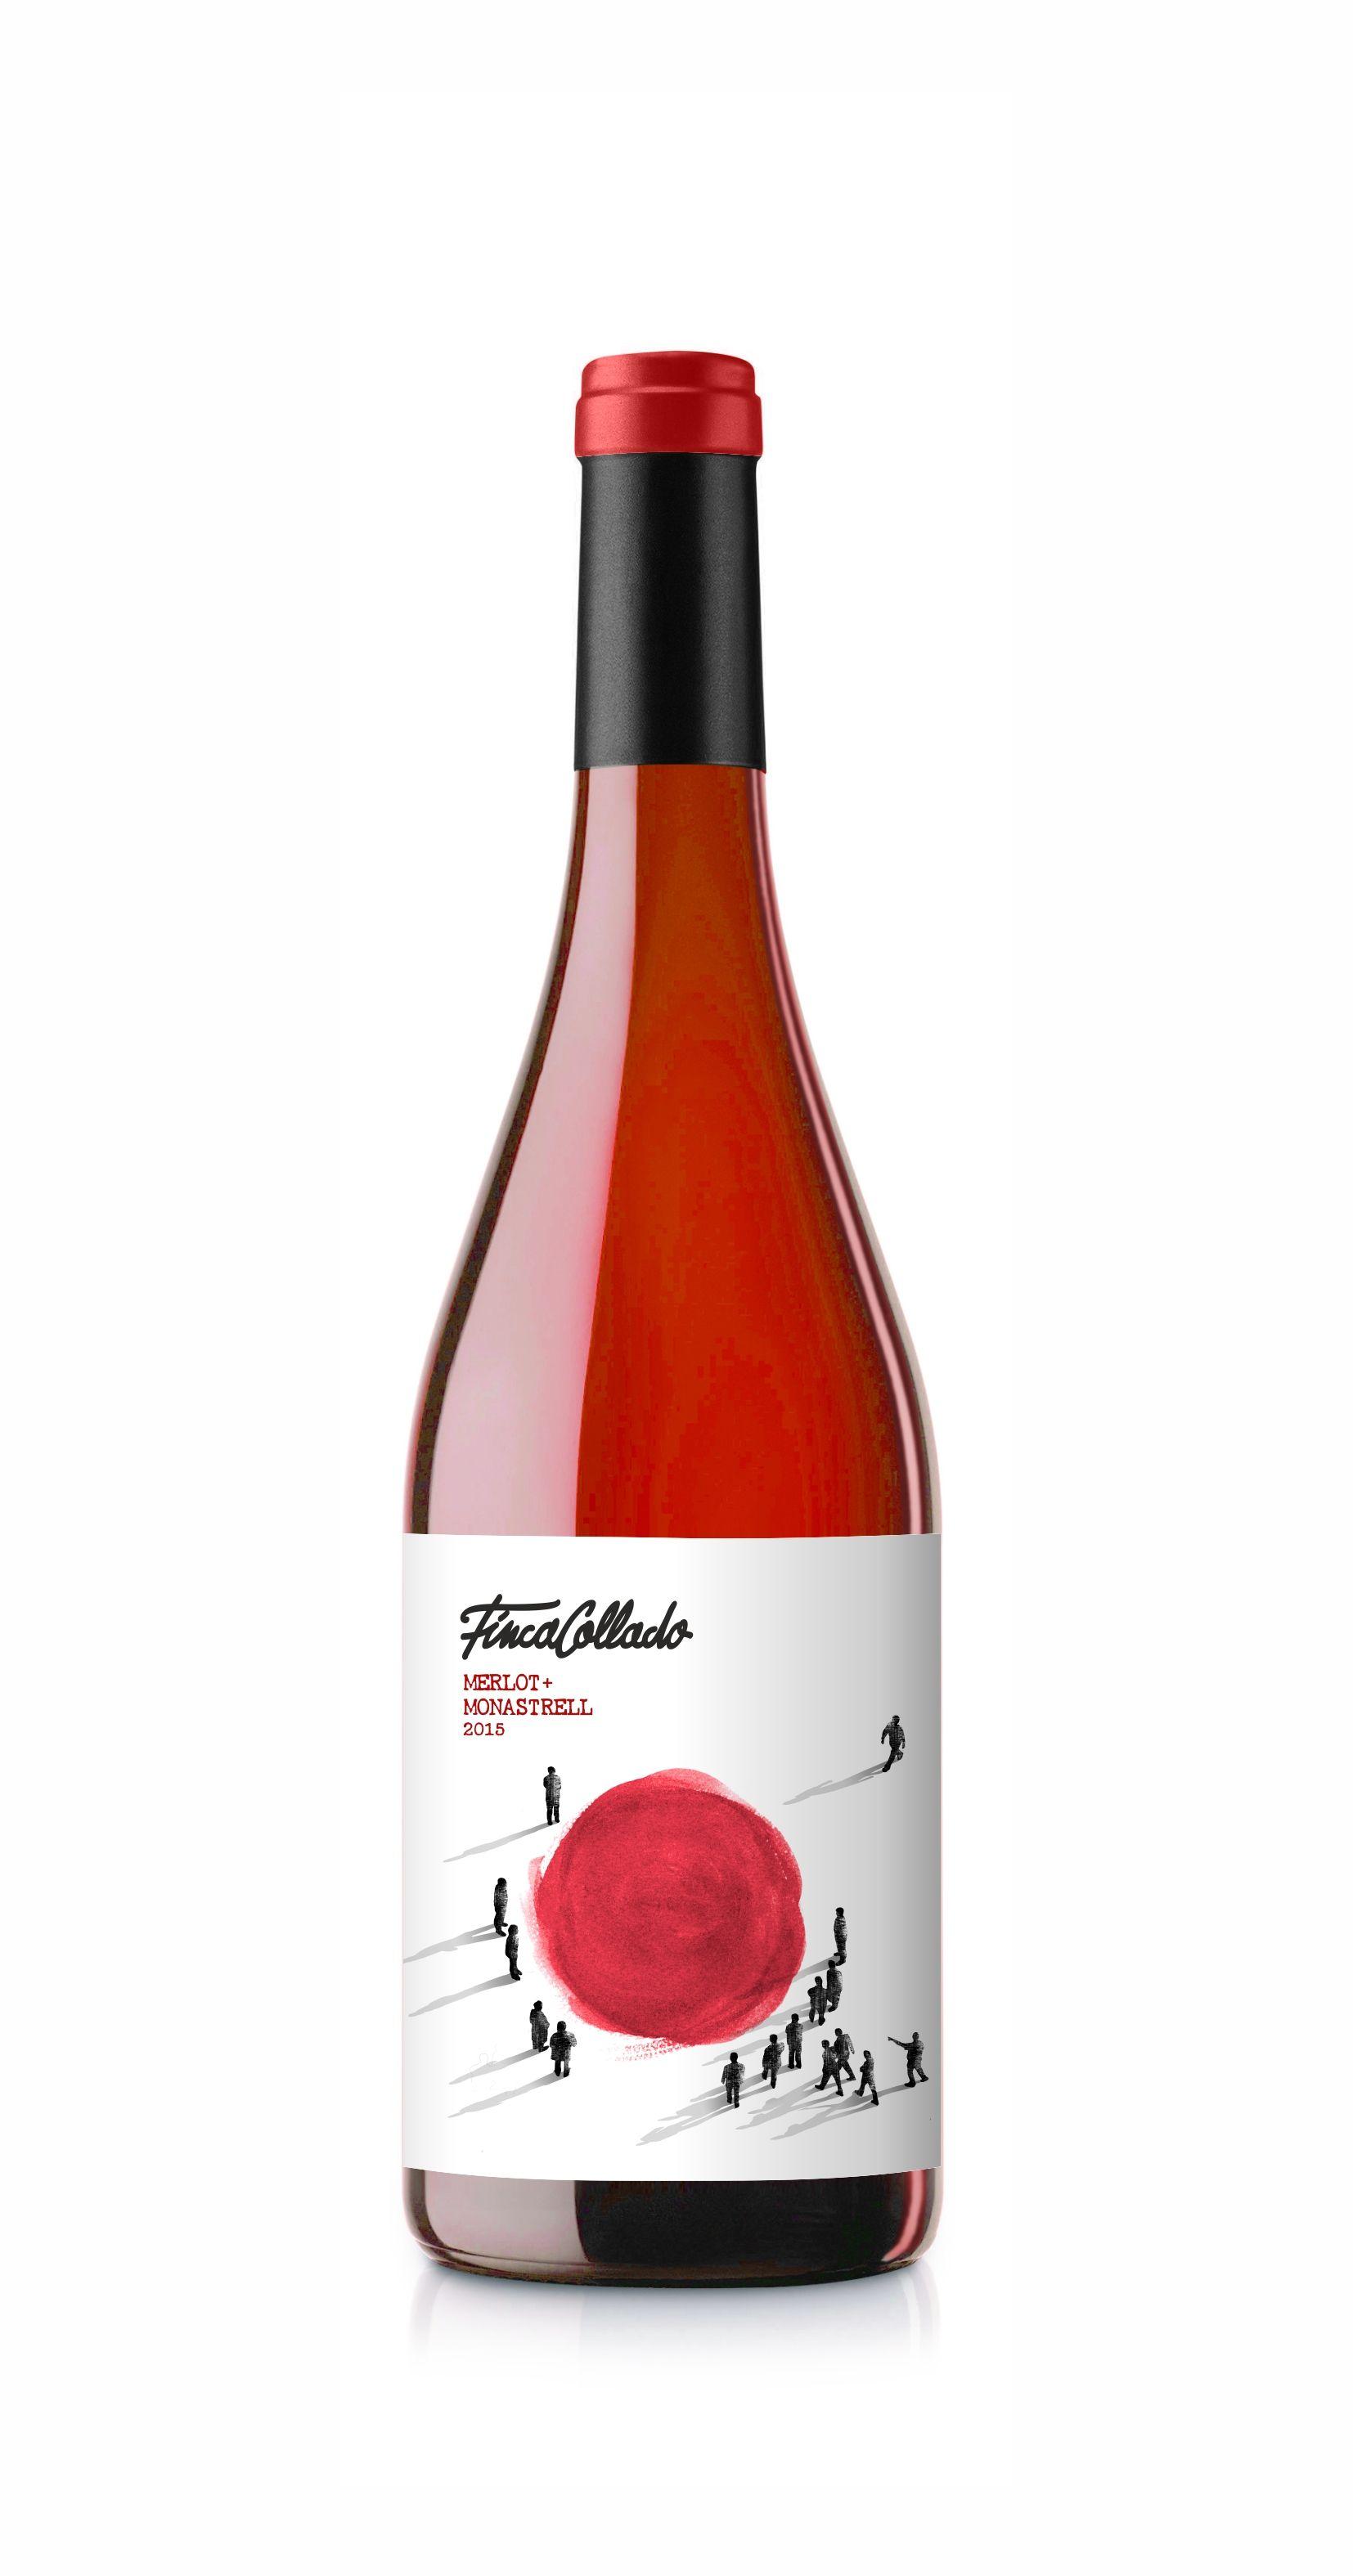 Etiqueta Vino Etiquetas De Vino Vino Rosado Vino De Espana